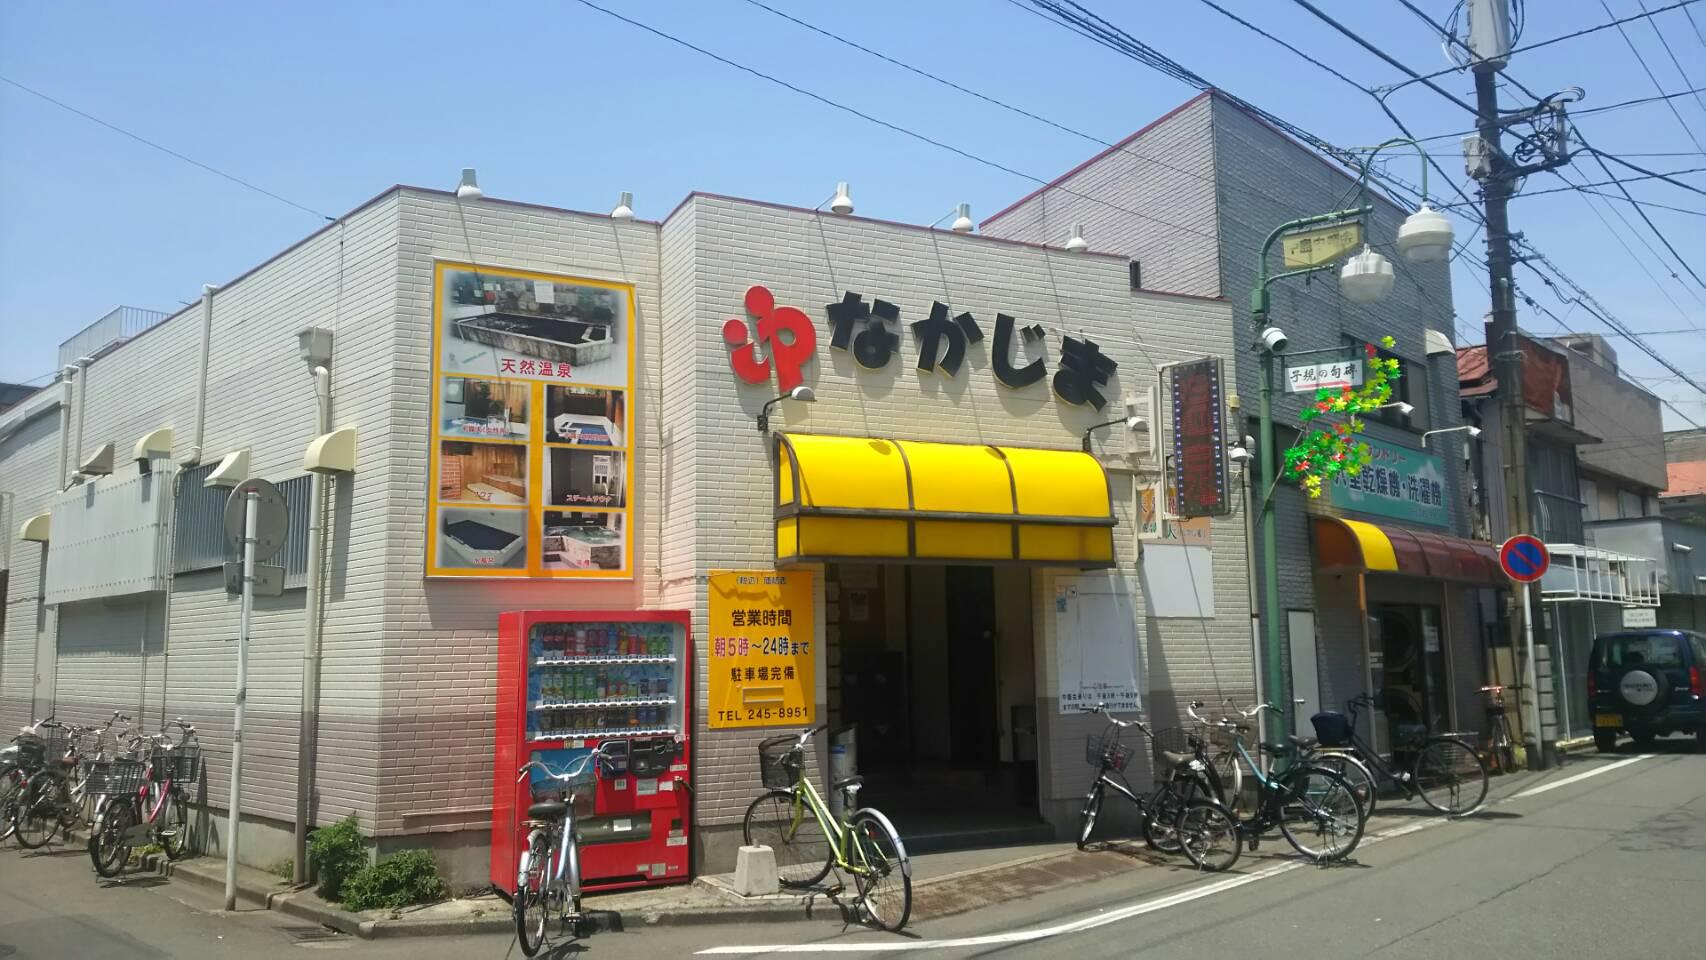 番頭さんがいる!神奈川県川崎市の公衆浴場 中島湯っていう銭湯に行ってきた!